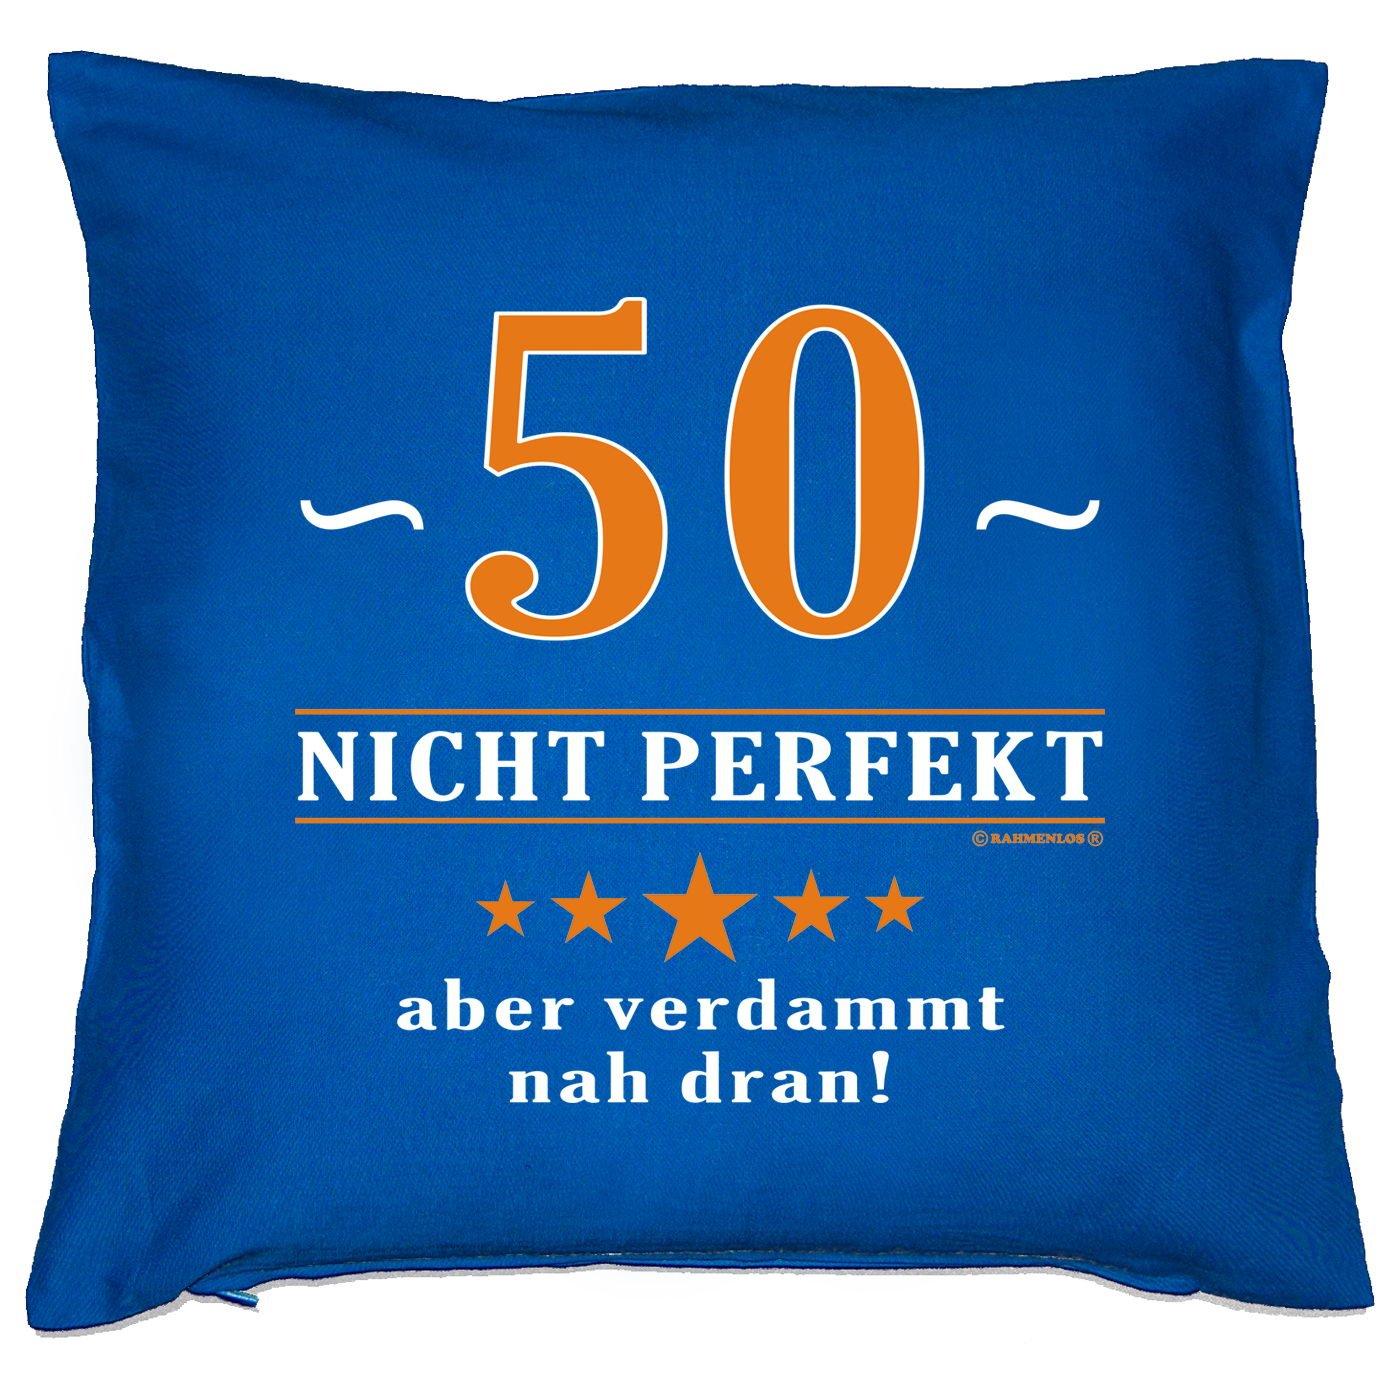 Kissen mit Innenkissen – 50 – nicht perfekt aber verdammt nahe dran! – zum 50. Geburtstag Geschenk – 40 x 40 cm – in royal-blau jetzt bestellen